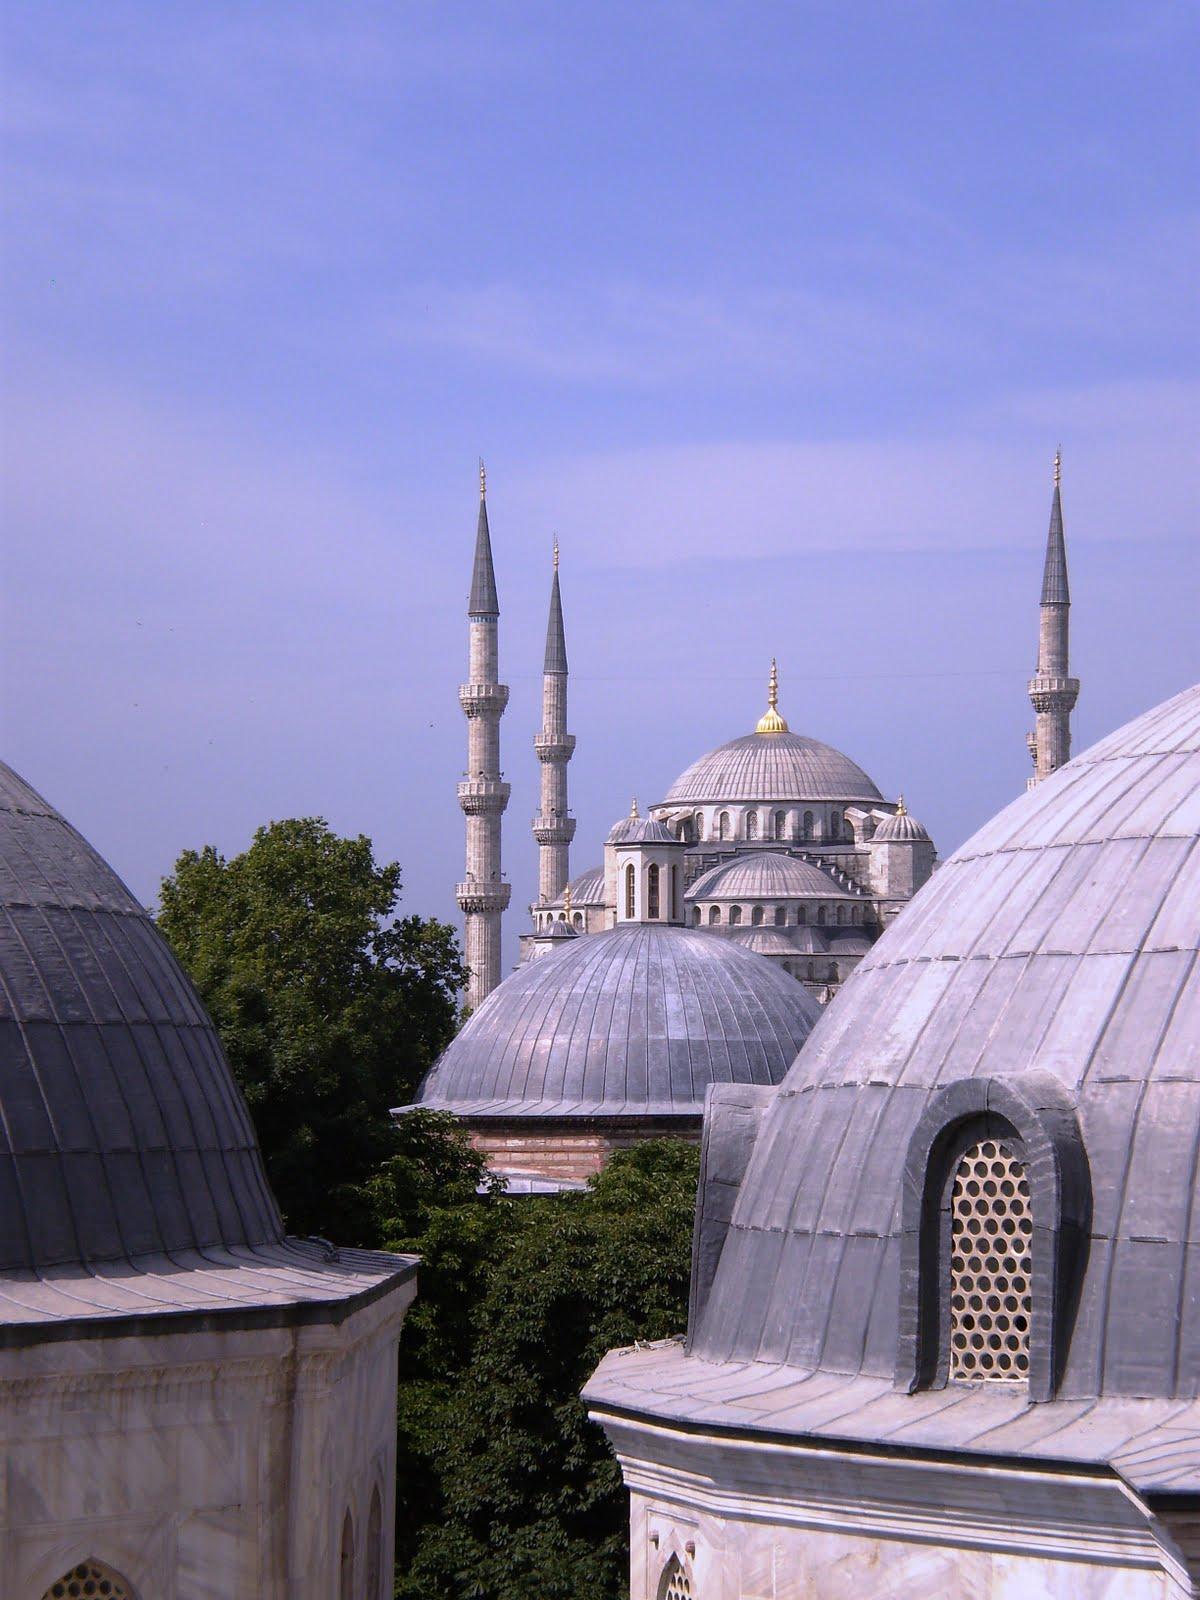 http://2.bp.blogspot.com/_4XL3SoHcKKo/TBmSiSh1iGI/AAAAAAAAABA/LsDnY-DW4Jg/s1600/turkey%202010%20049.jpg